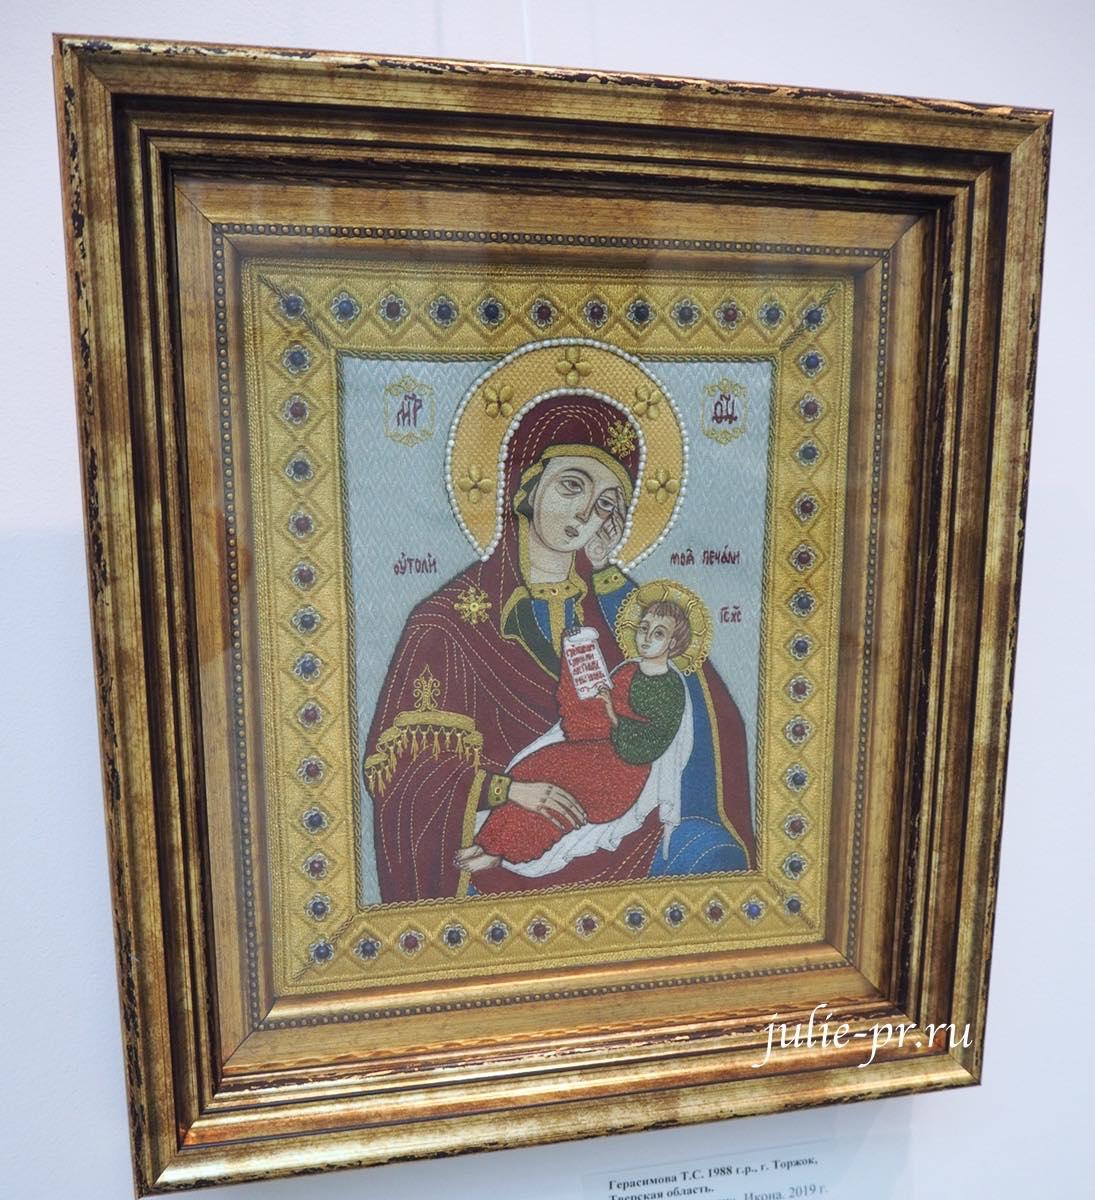 Всероссийская выставка вышивки, вышивка, икона Утоли мои печали, золотное шитьё